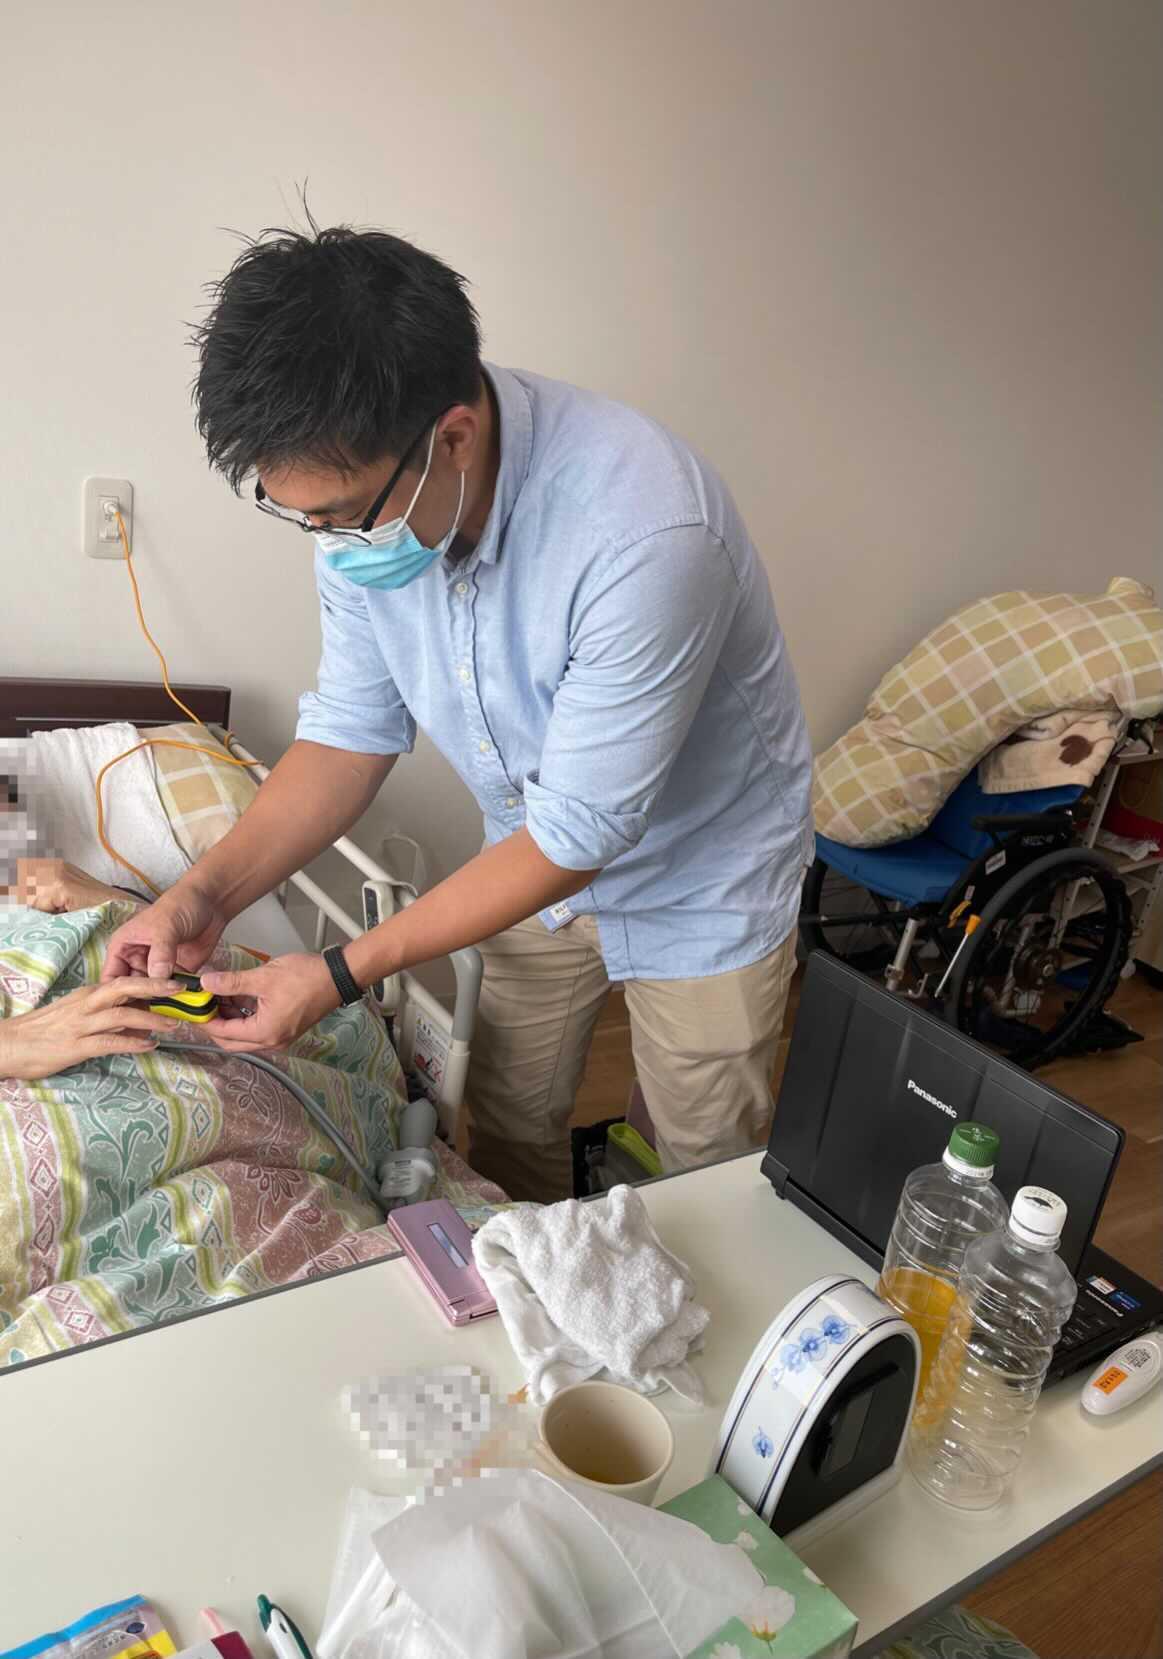 川崎先生が回診してくれました。のイメージ画像